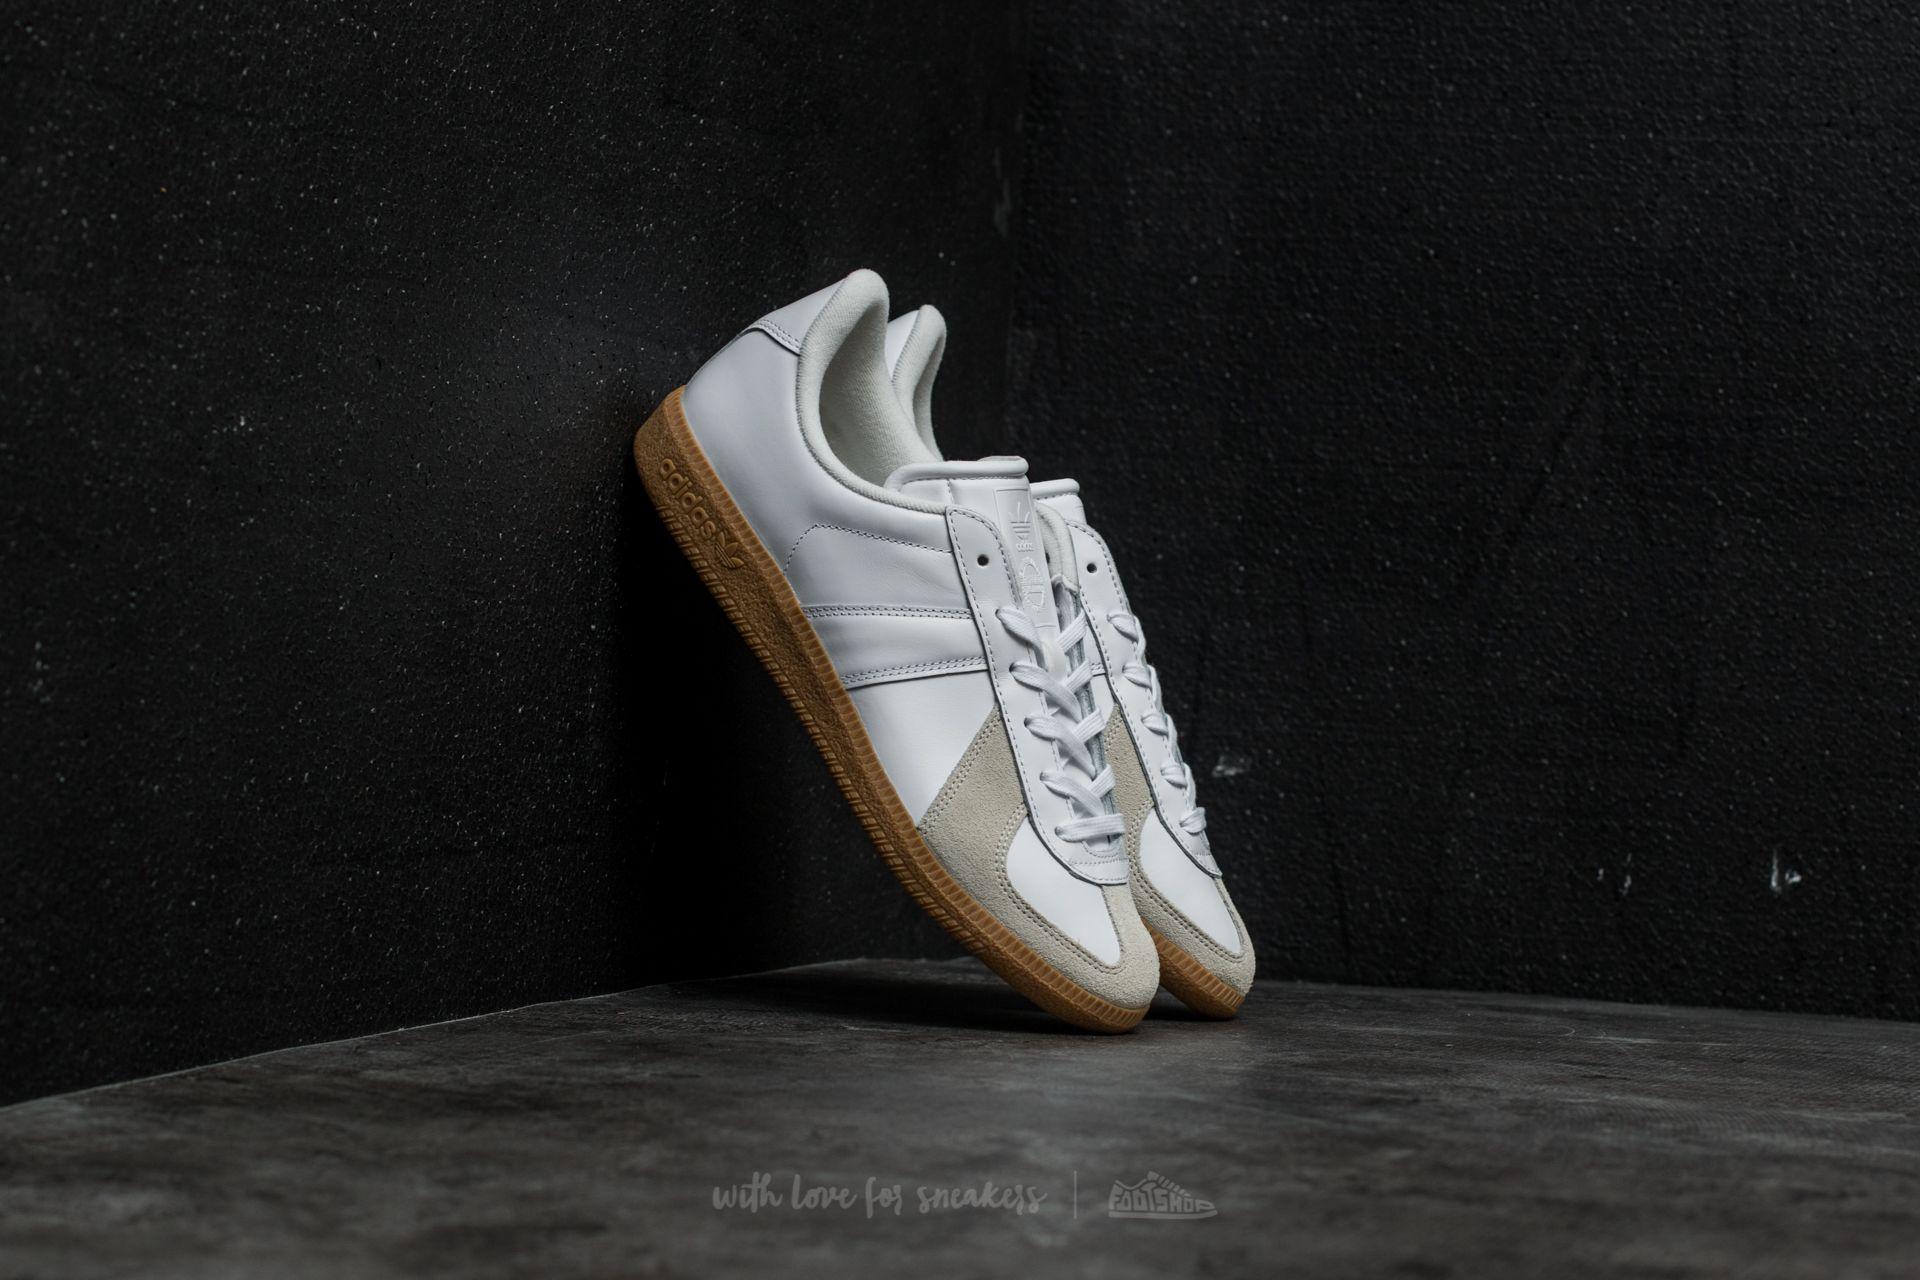 White Army ChalkFootshop Footwear Adidas Bw wNvmn08